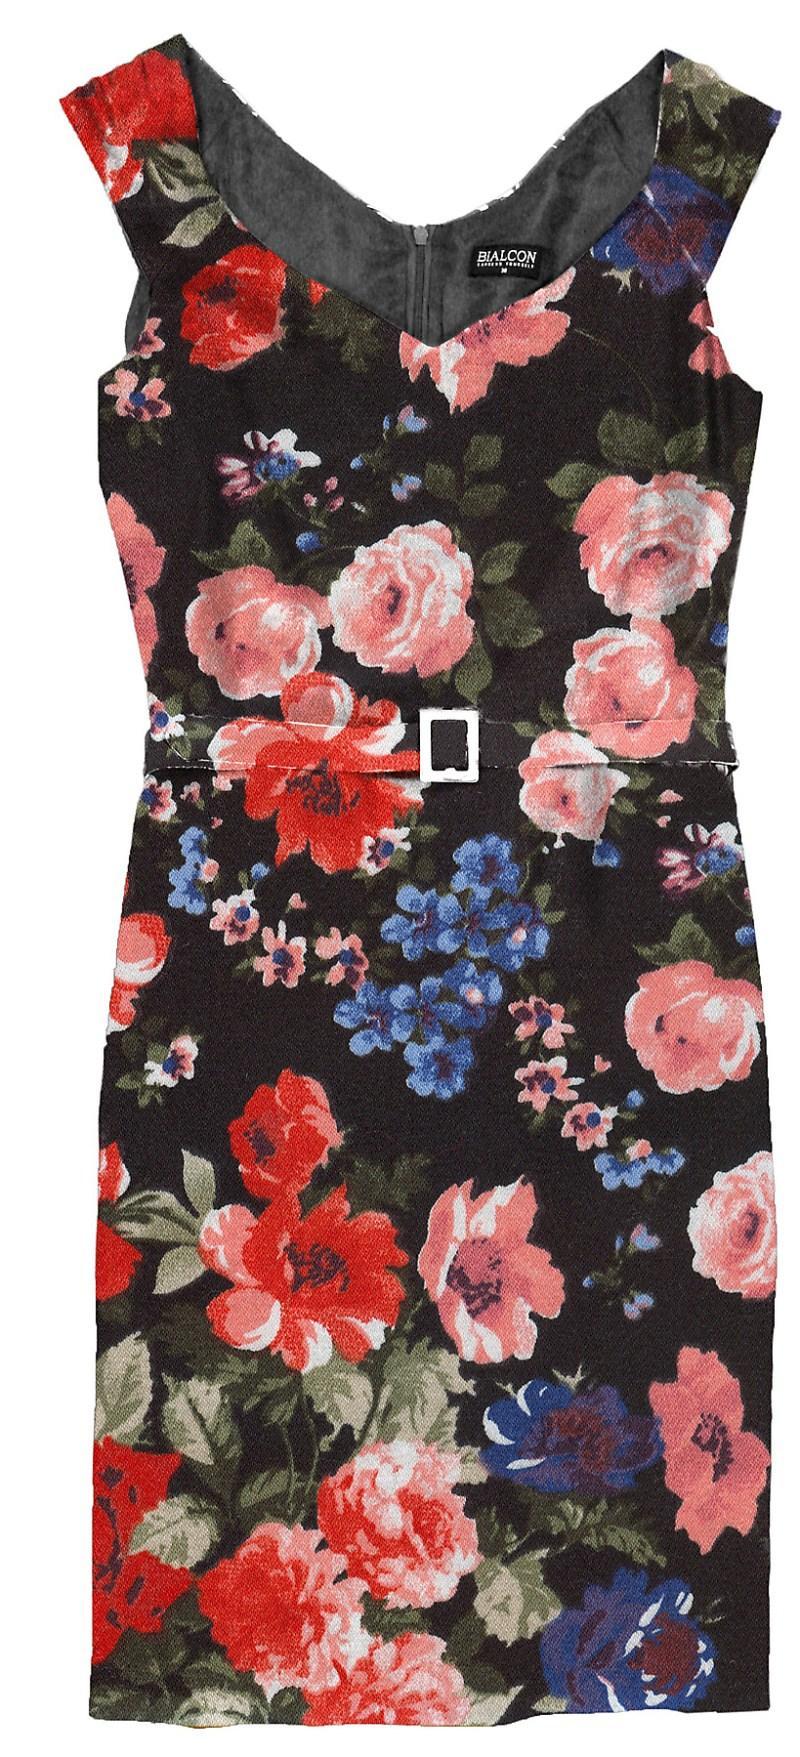 Najnowsza kolekcja sukienek Bialcon